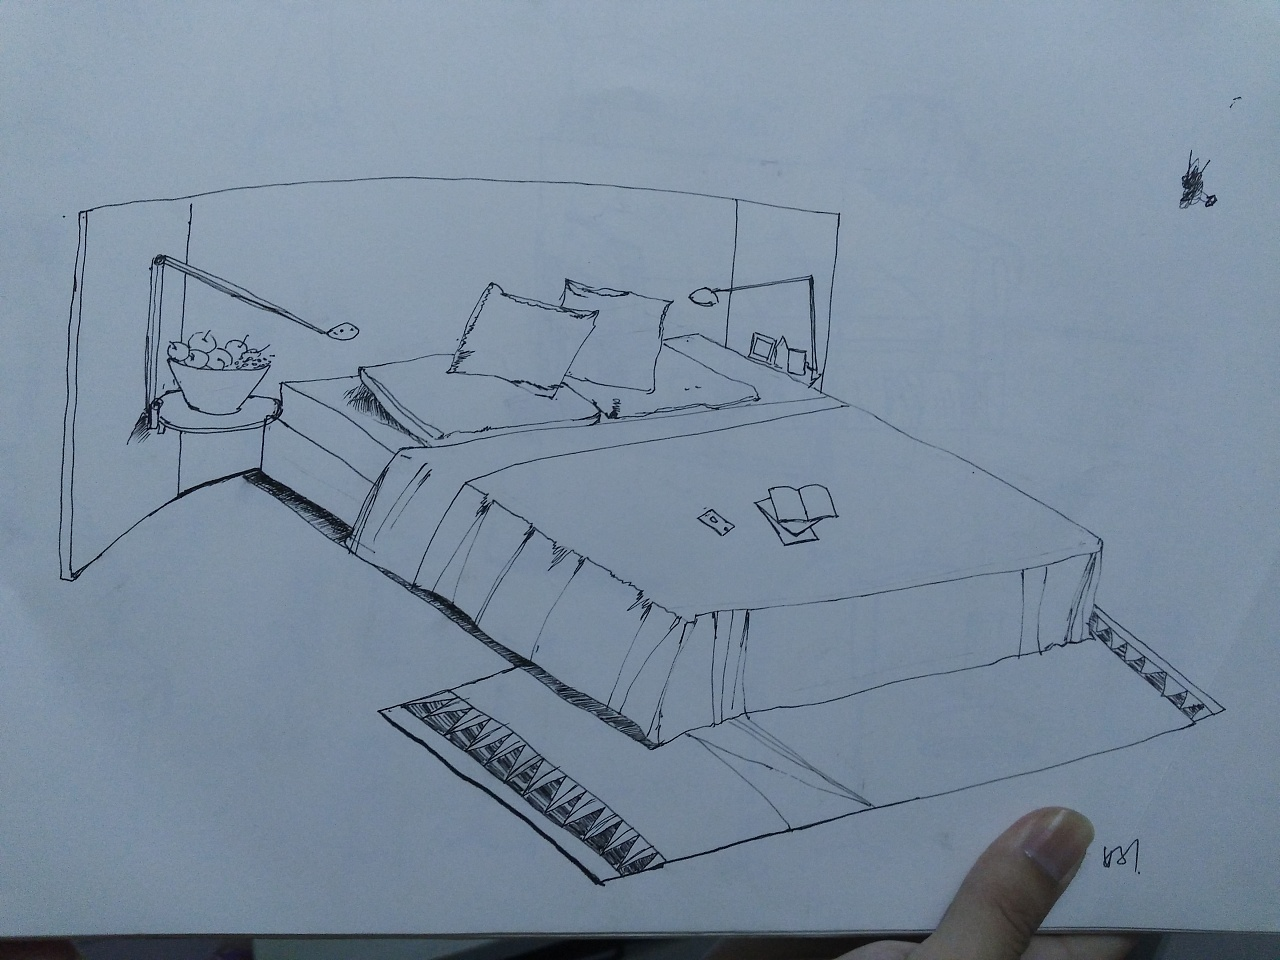 室内家具手绘稿|纯艺术|钢笔画|xiaoxiao强 - 原创图片